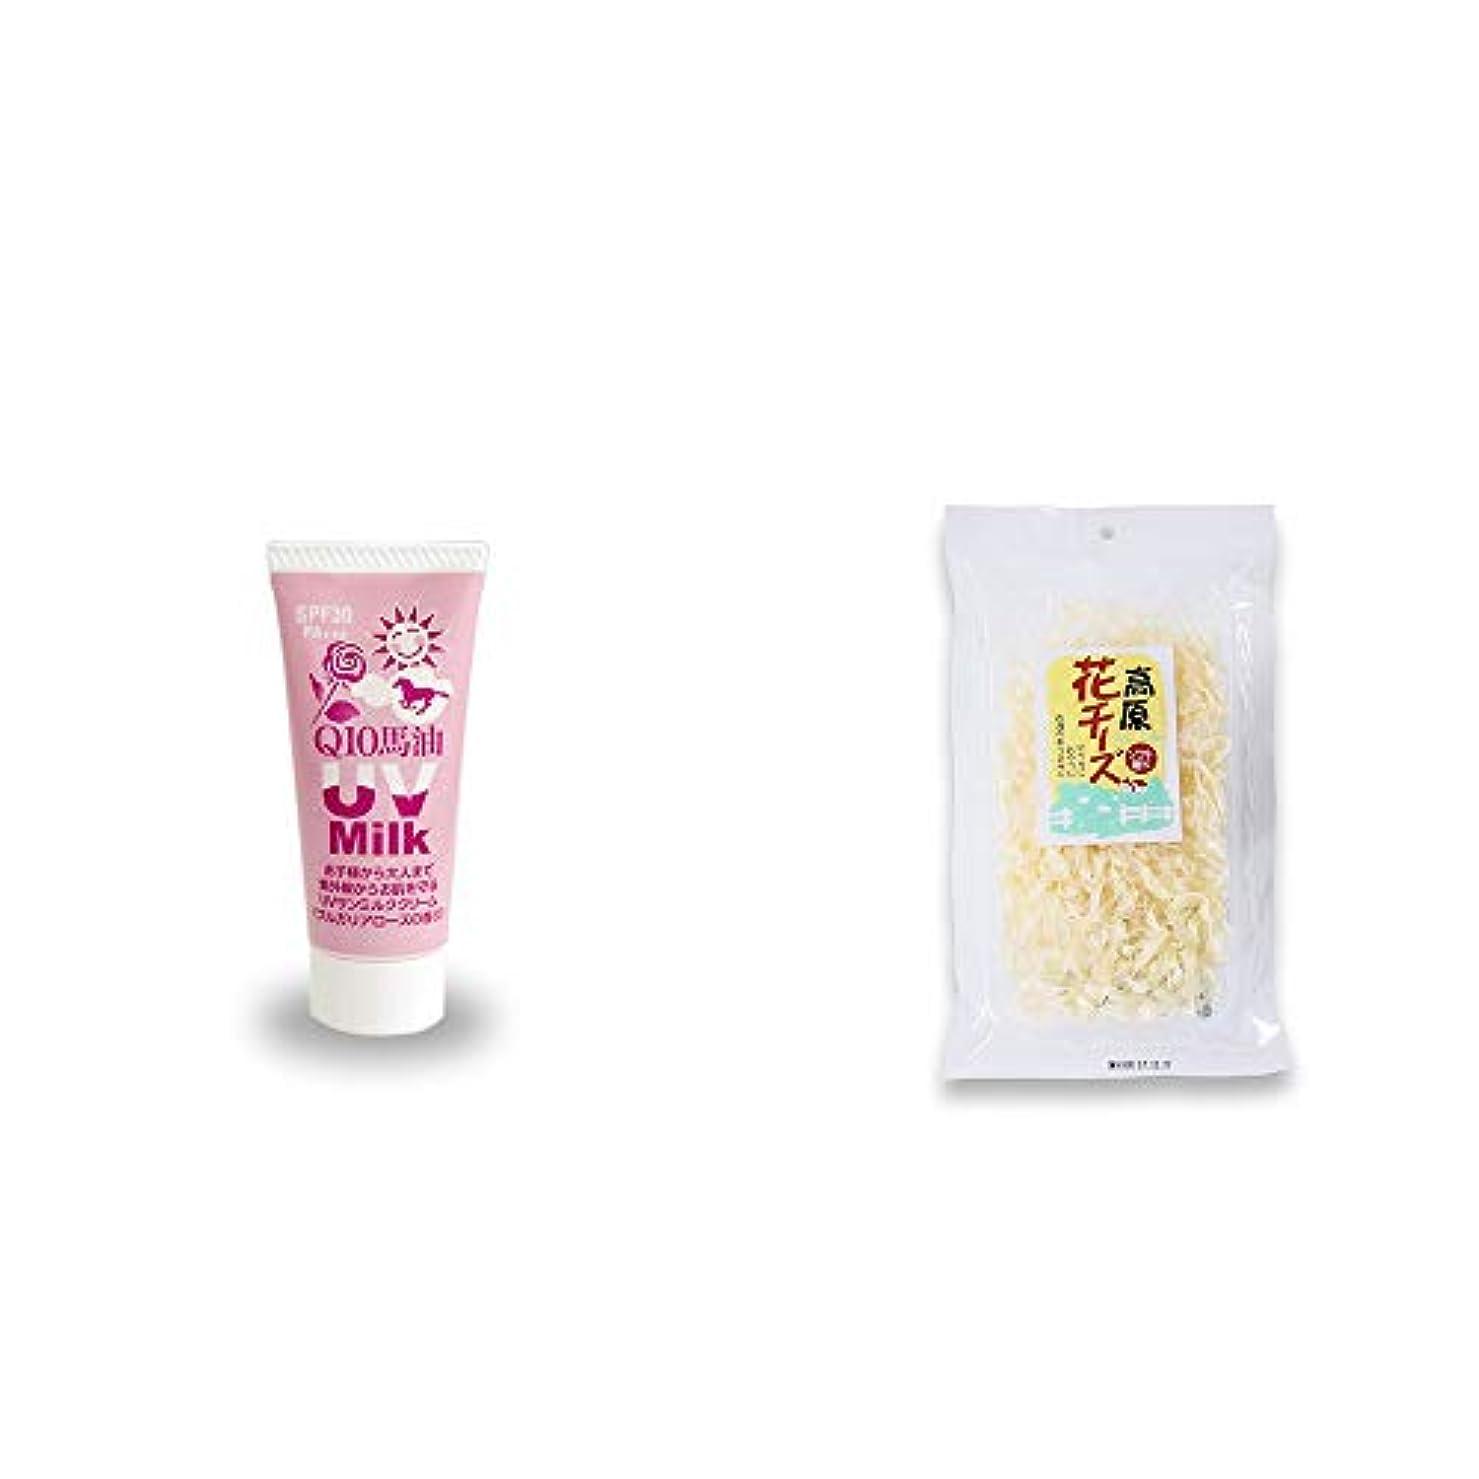 複雑モザイク師匠[2点セット] 炭黒泉 Q10馬油 UVサンミルク[ブルガリアローズ](40g)?高原の花チーズ(56g)